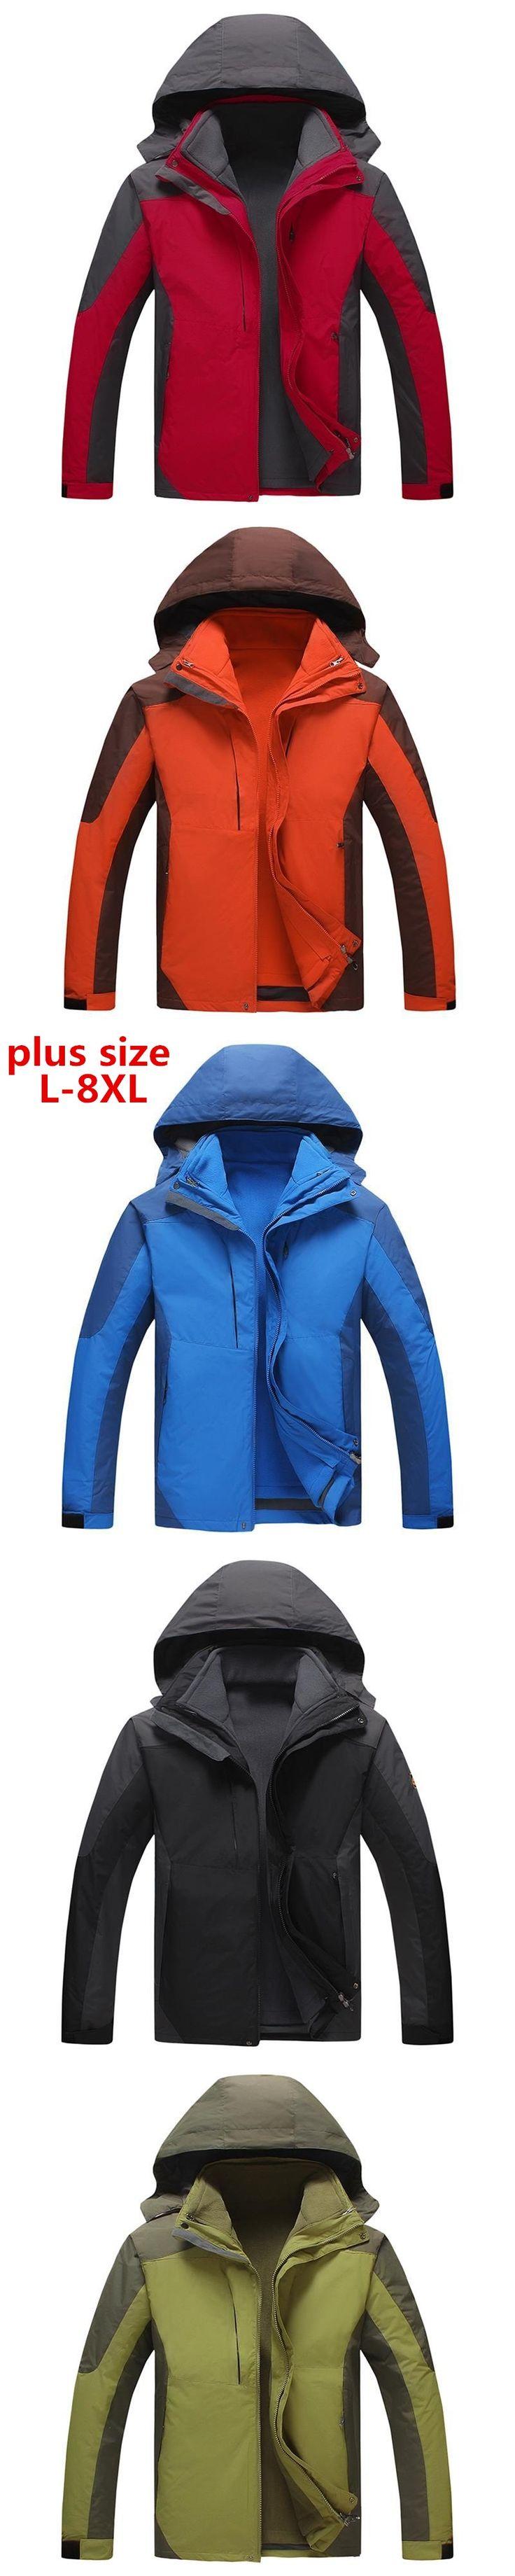 plus size 8XL 6XL 5xl 2 IN 1 Fit Jacket Brand Waterproof Windbreaker Jacket Coat Winter Jacket Men Male Coat Rain Jacket Parka